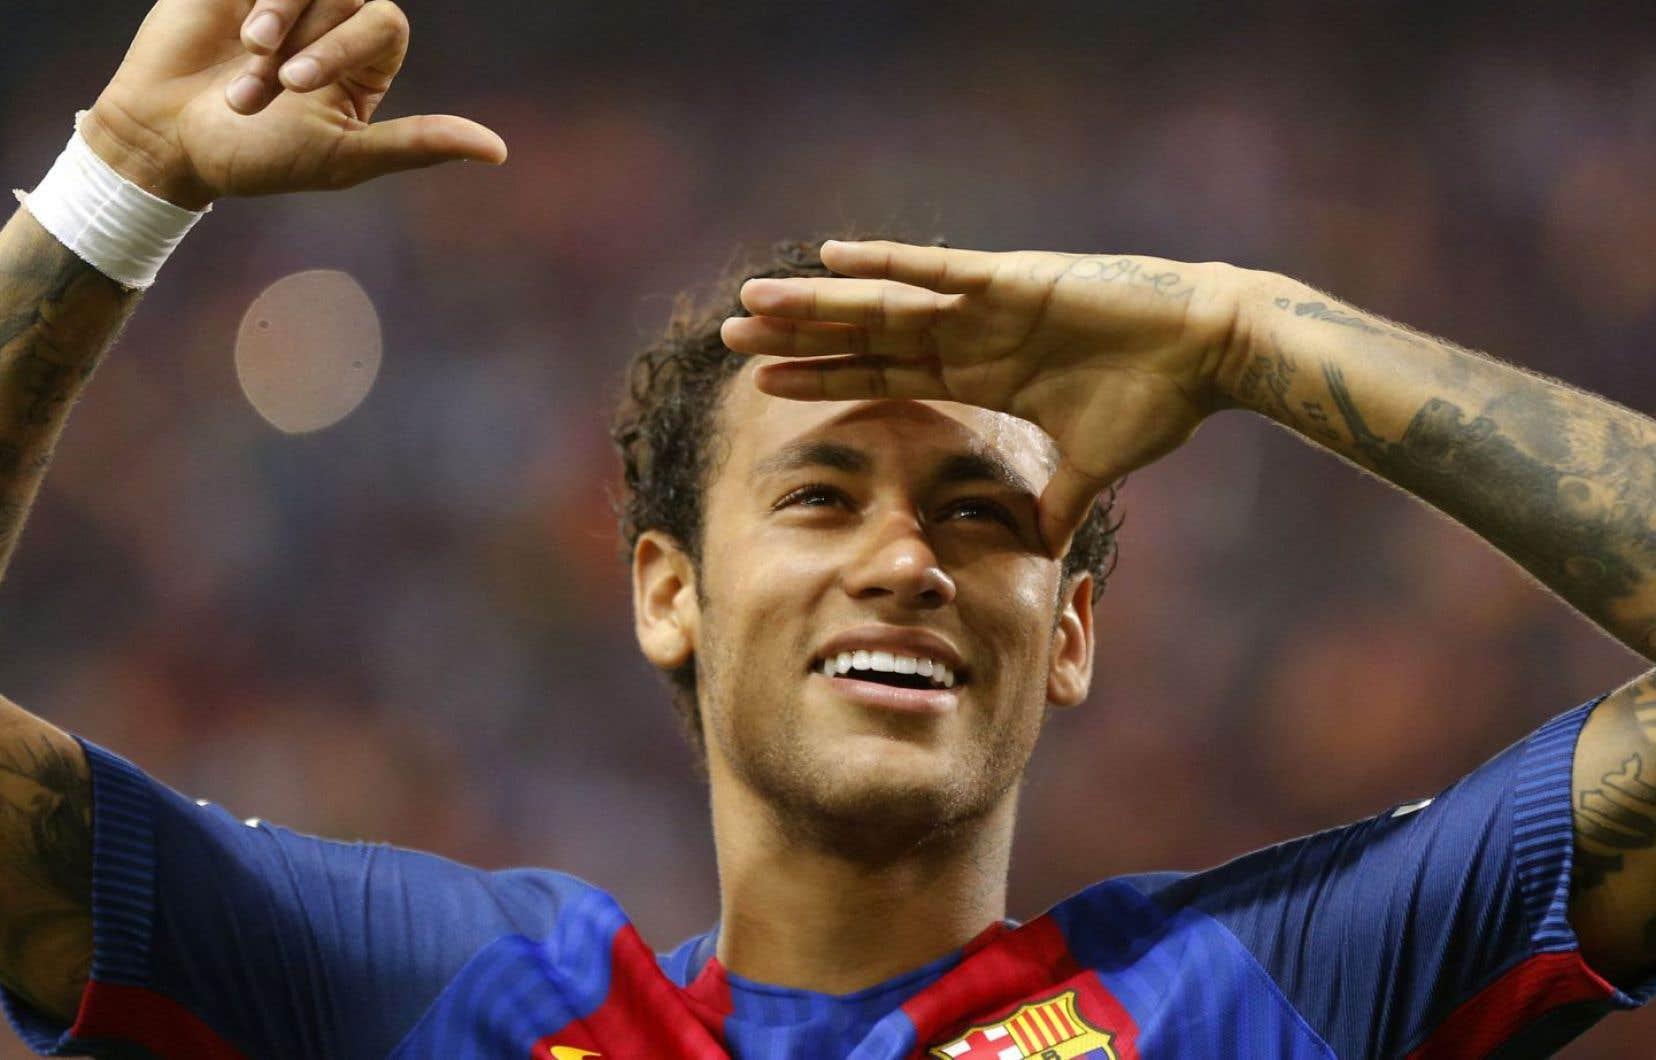 Neymar, habitué aux honneurs depuis ses 18 ans, n'est pas devenu pour rien le joueur le plus cher de l'histoire, arraché à Barcelone contre les 222 millions d'euros de sa clause libératoire.